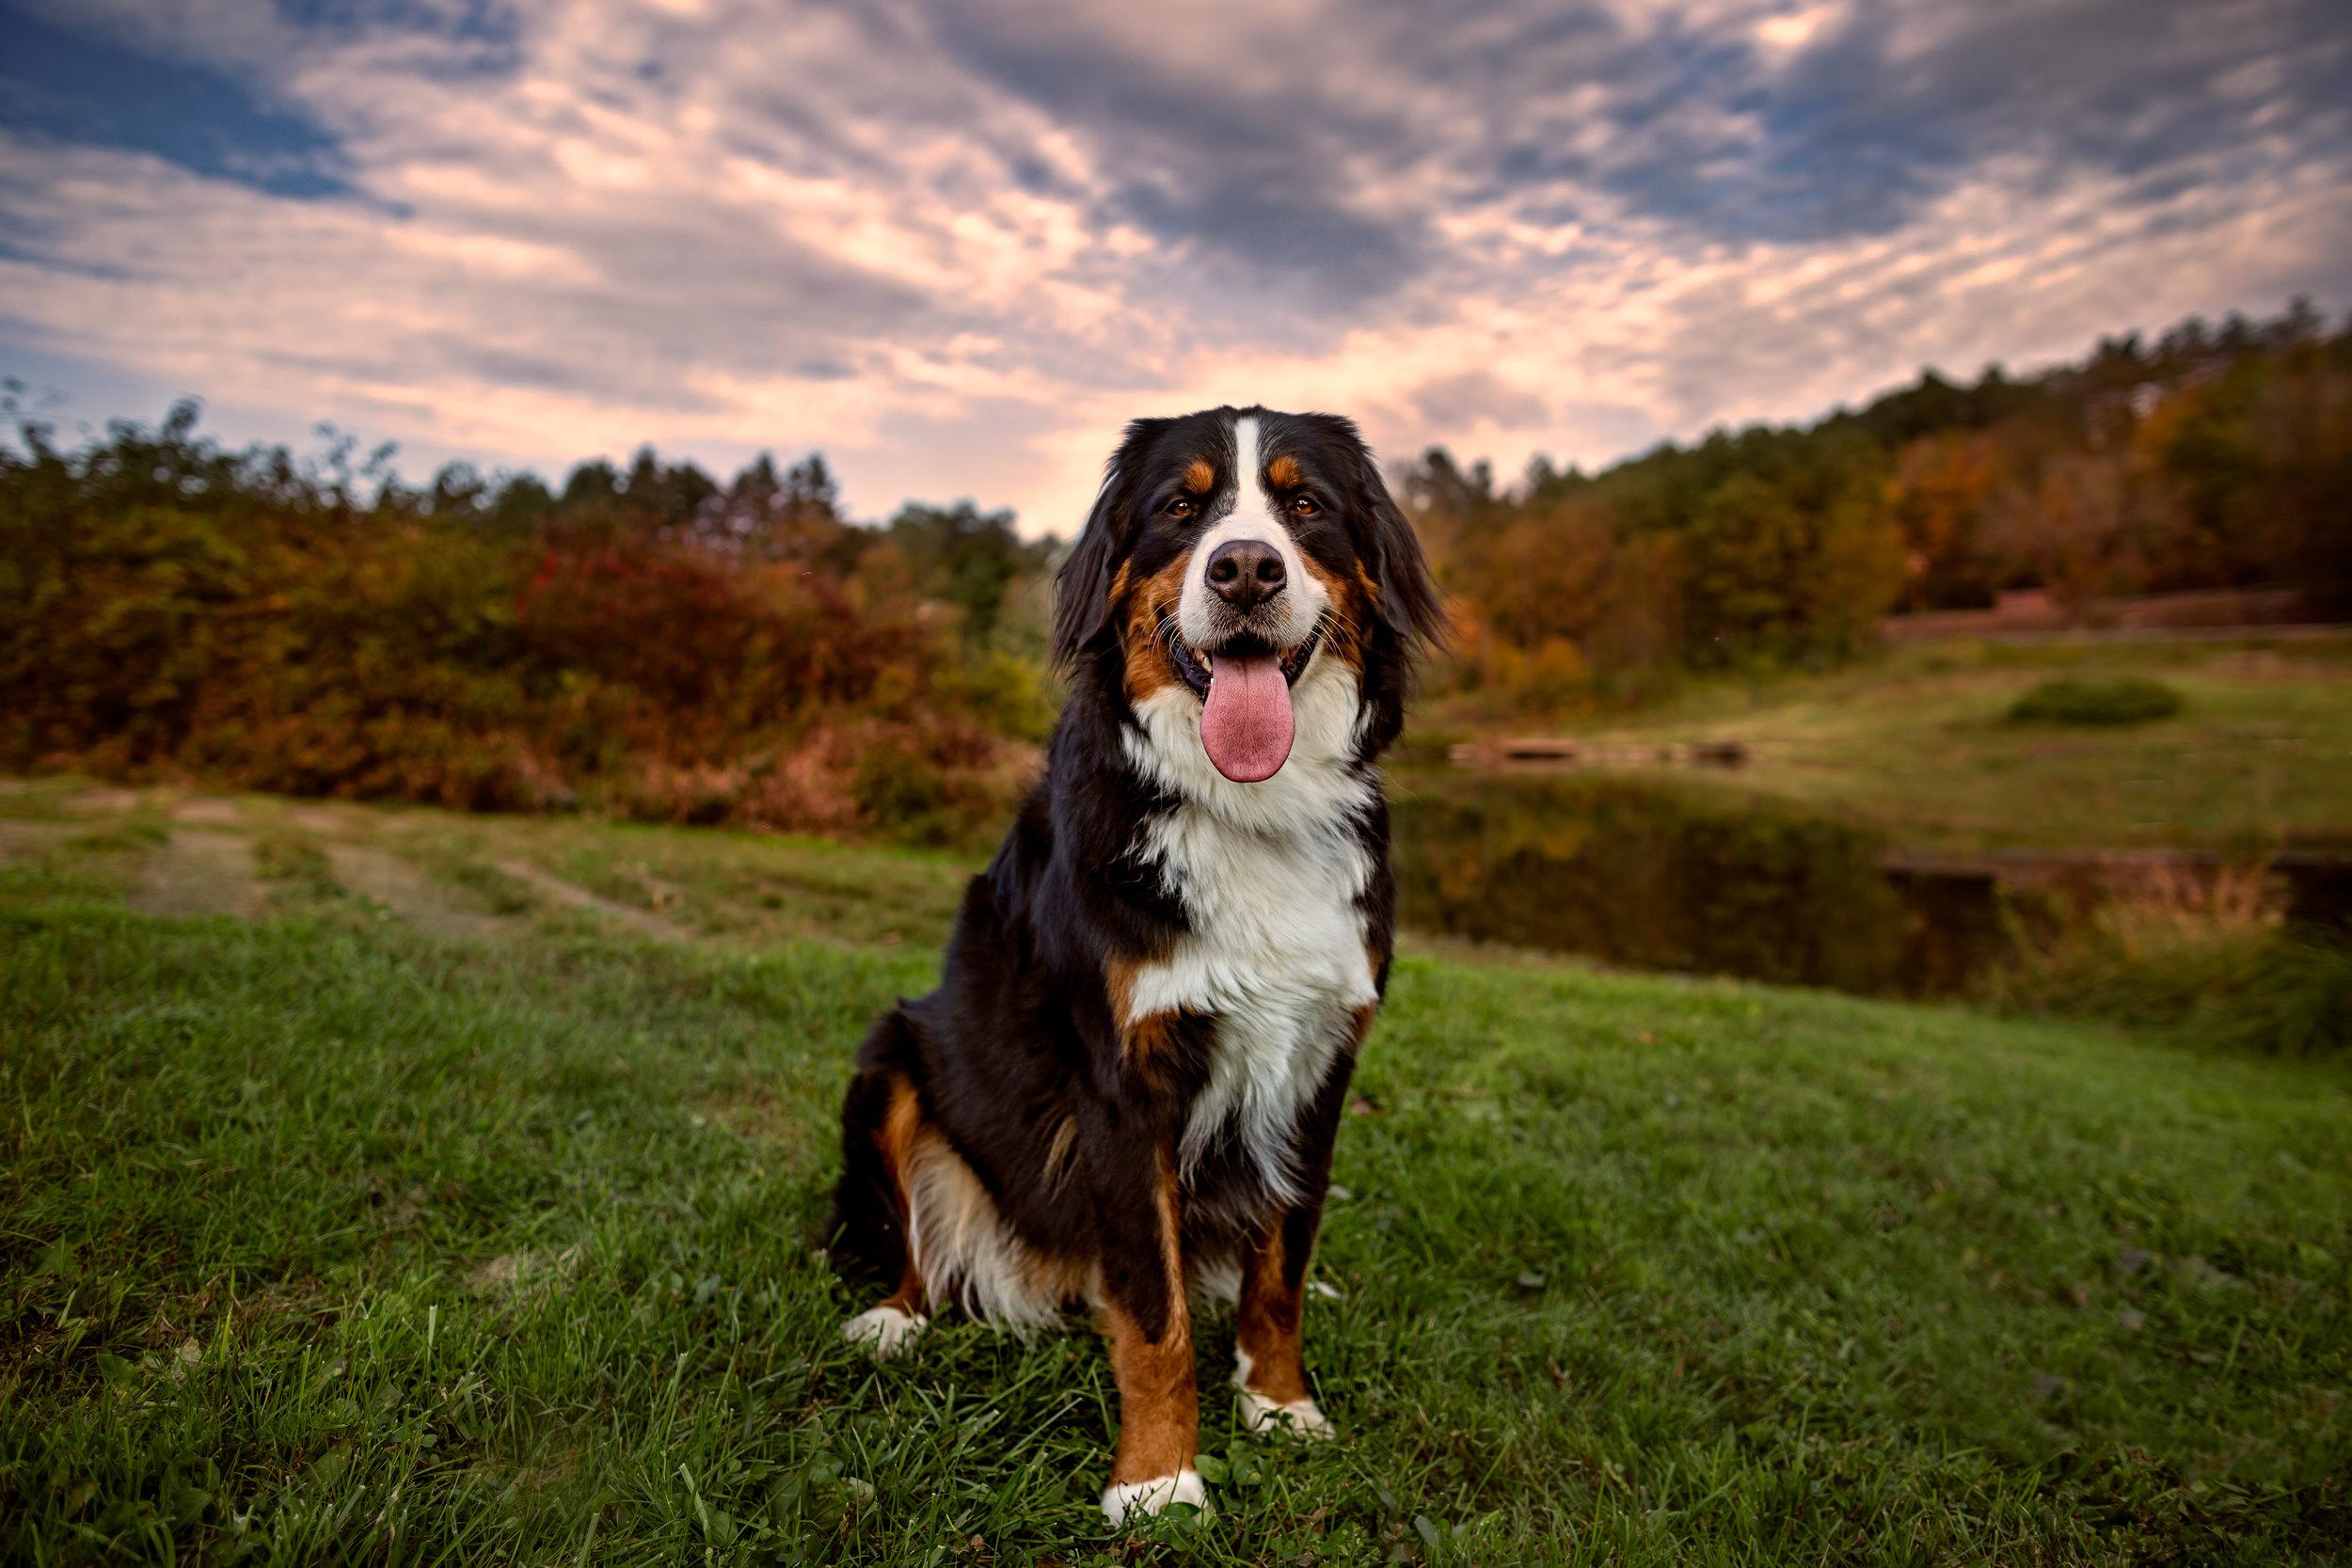 Connecticut pet photographer